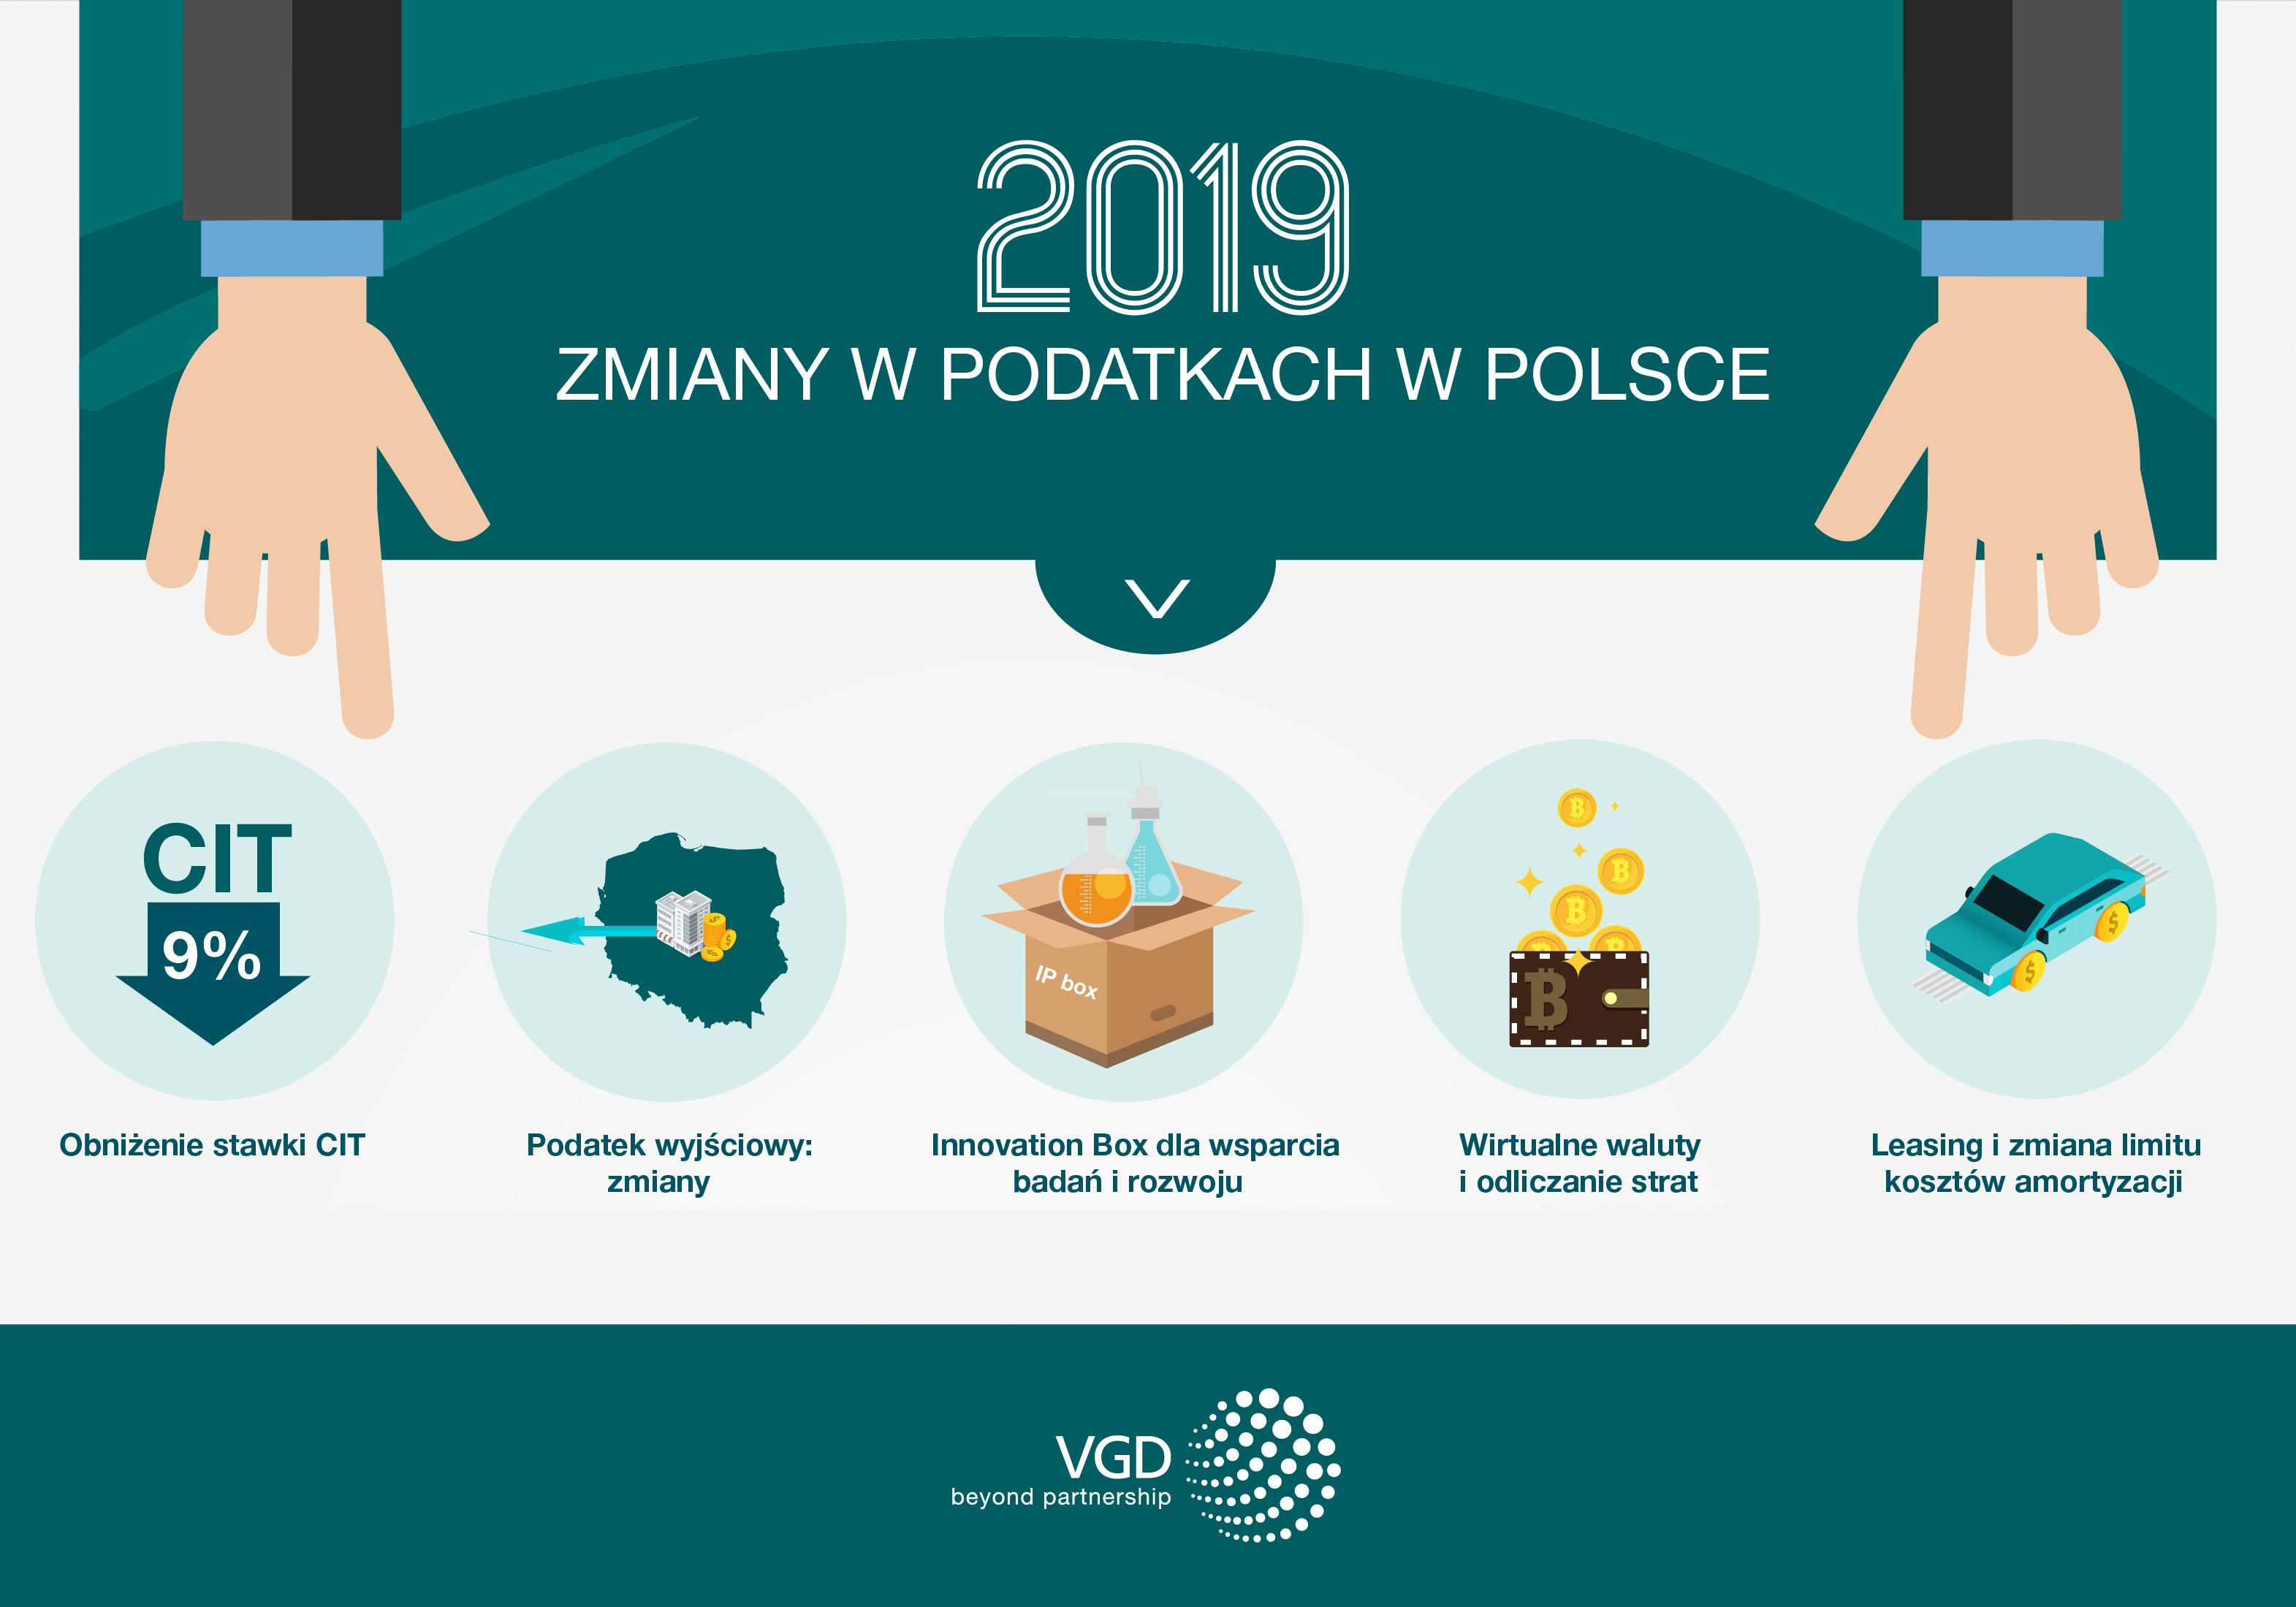 prawo podatkowe, podatki w polsce 2019, podatek CIT, leasing rozliczenie, GAAR, podatek wyjściowy, podatek u źródła, wht w polsce, innovation box in poland.